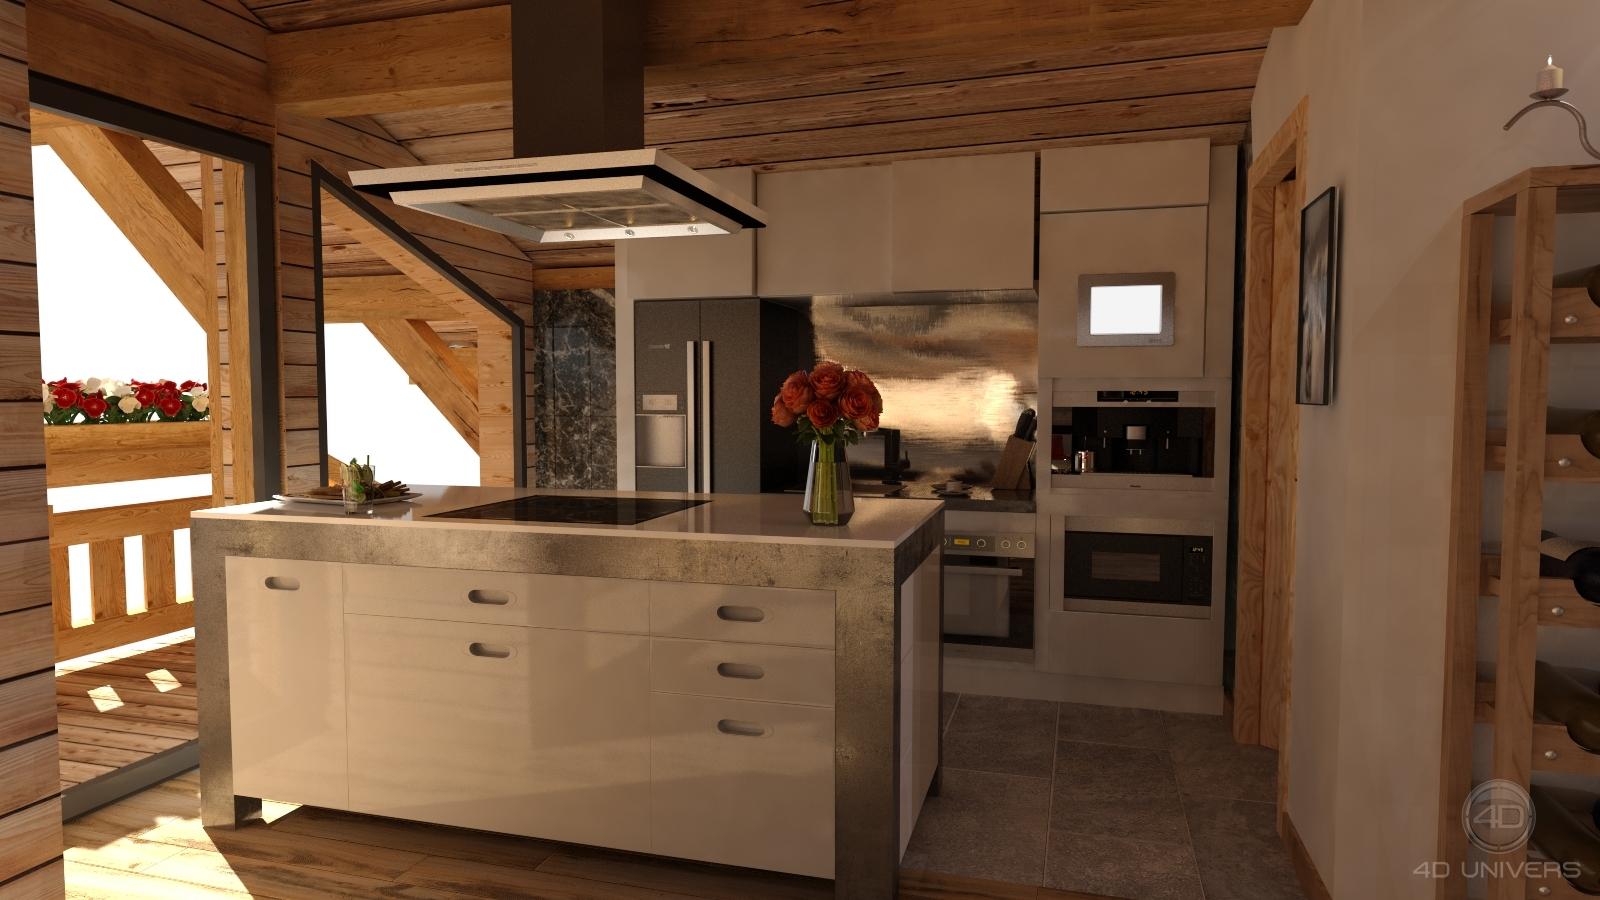 Programme cuisine 3d arcon 15 premium programme de for Cuisine 3d sweet home